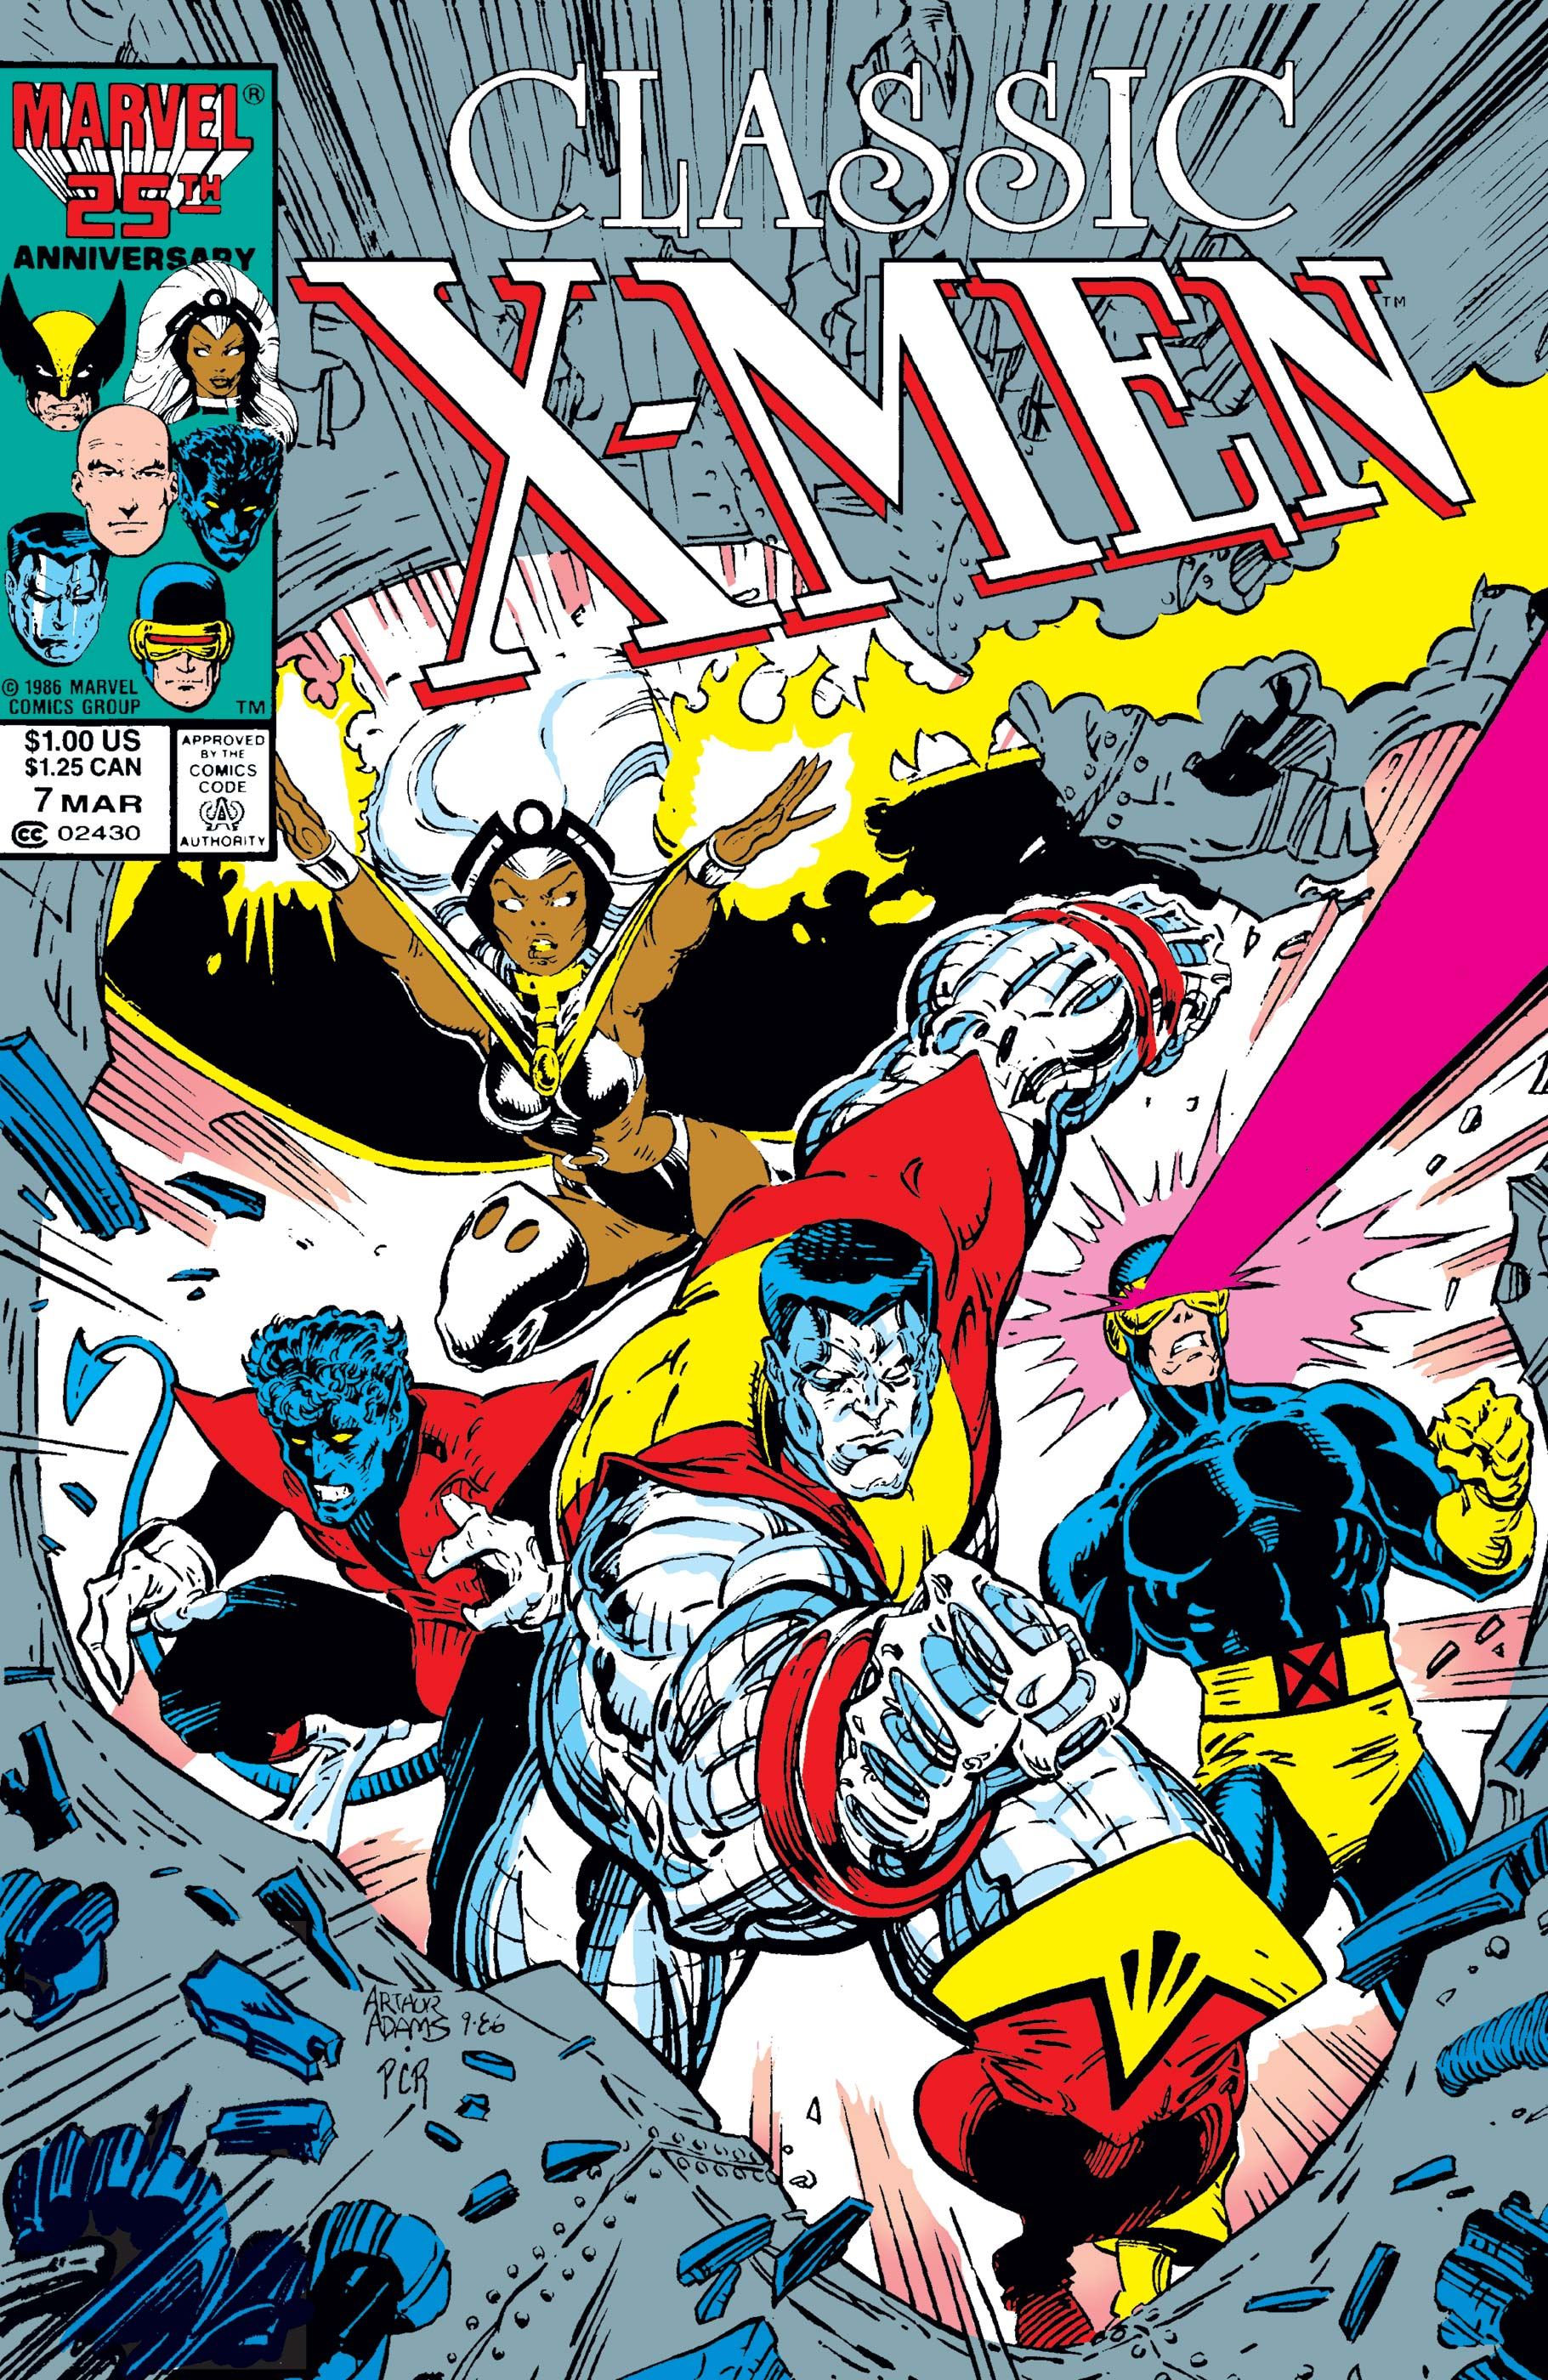 Classic X-Men (1986) #7